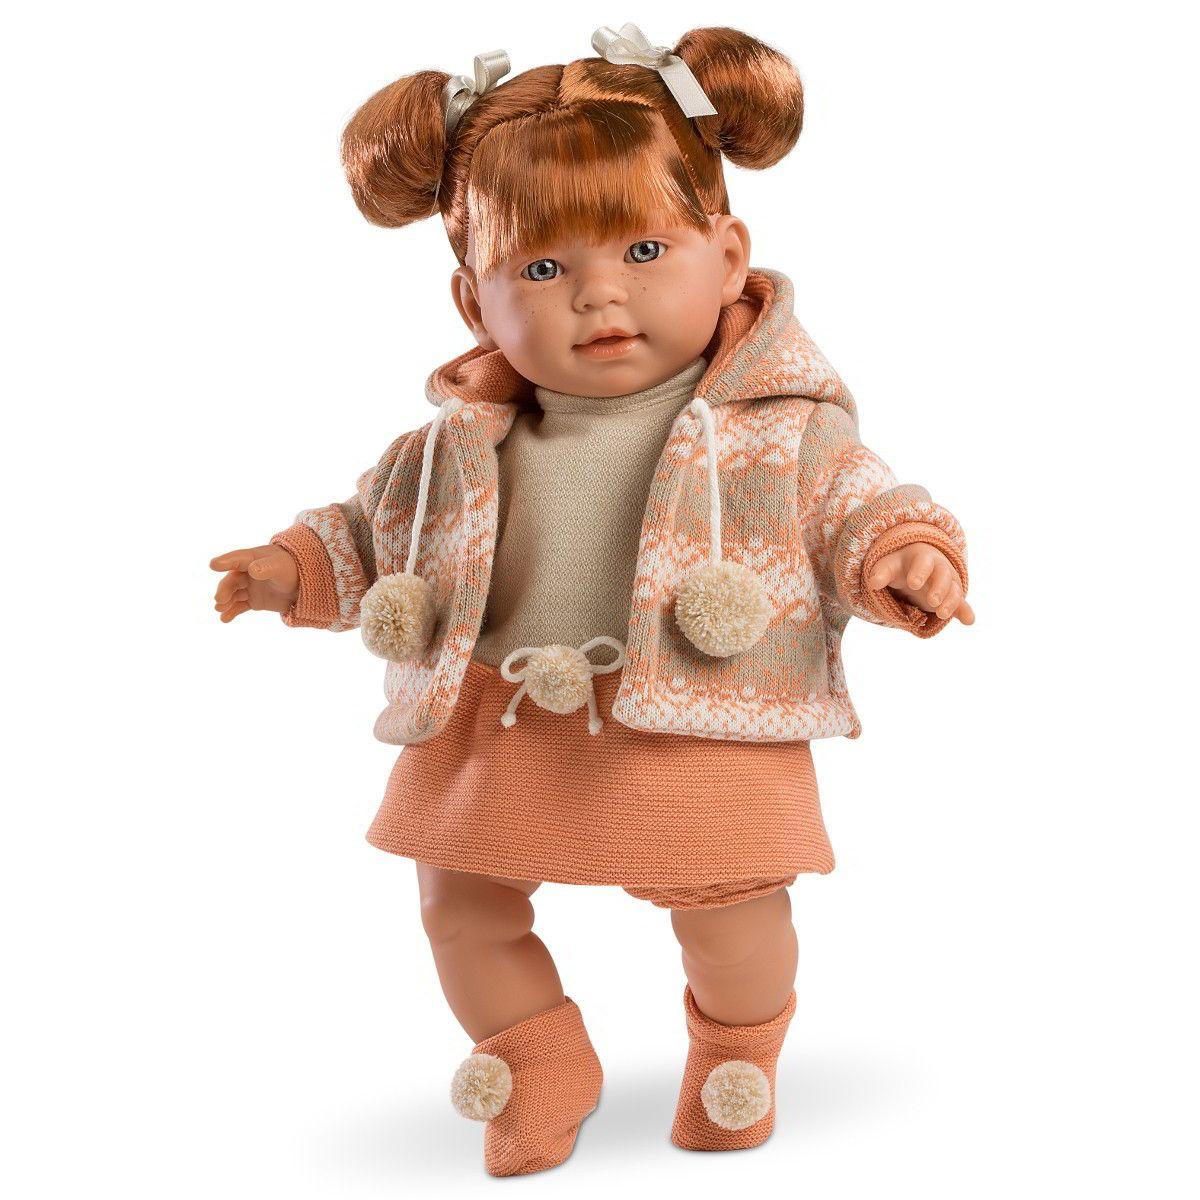 Кукла Амелия, 42 смИспанские куклы Llorens Juan, S.L.<br>Кукла Амелия, 42 см<br>